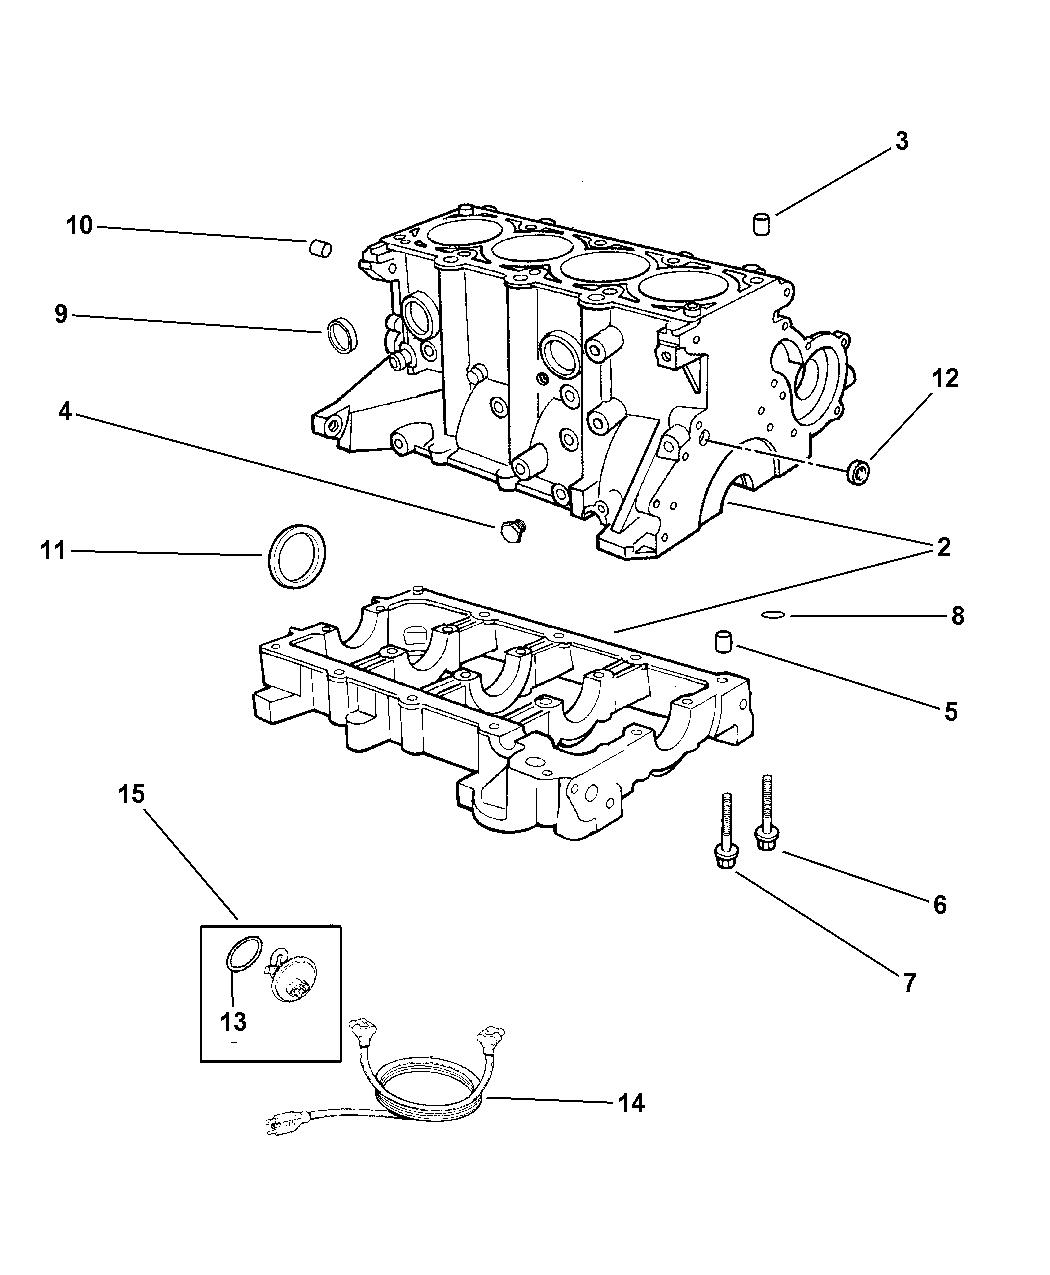 4793530 Genuine Dodge Wiring Engine Block Heater